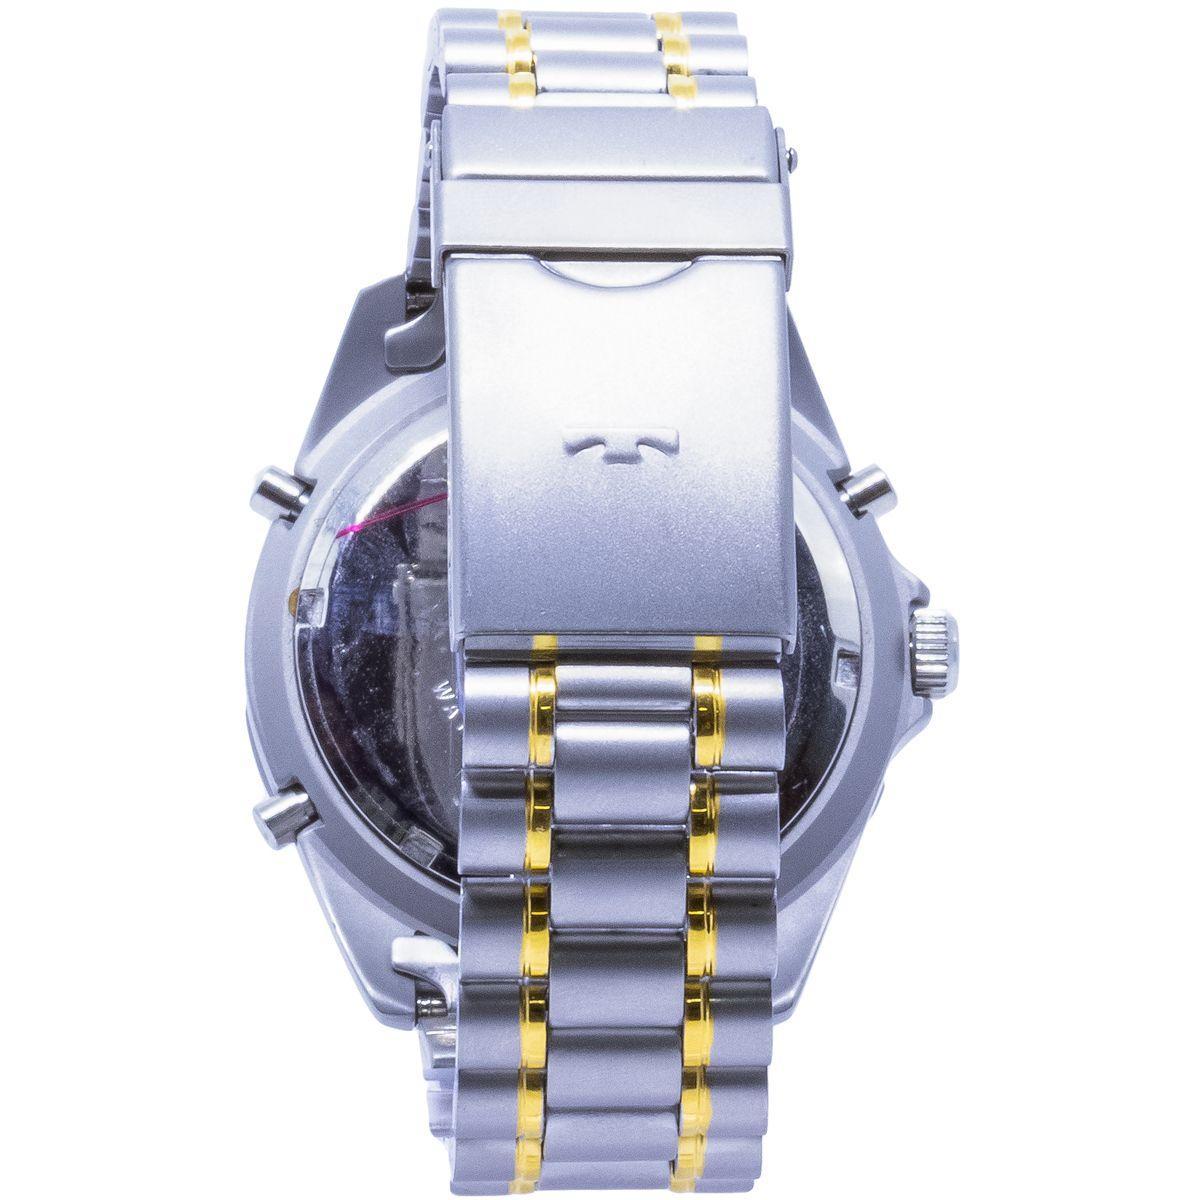 Relógio Technos Skydiver Professional Analógico digital Masculino -  T20557 9B R  599,00 à vista. Adicionar à sacola 61ae5268cb